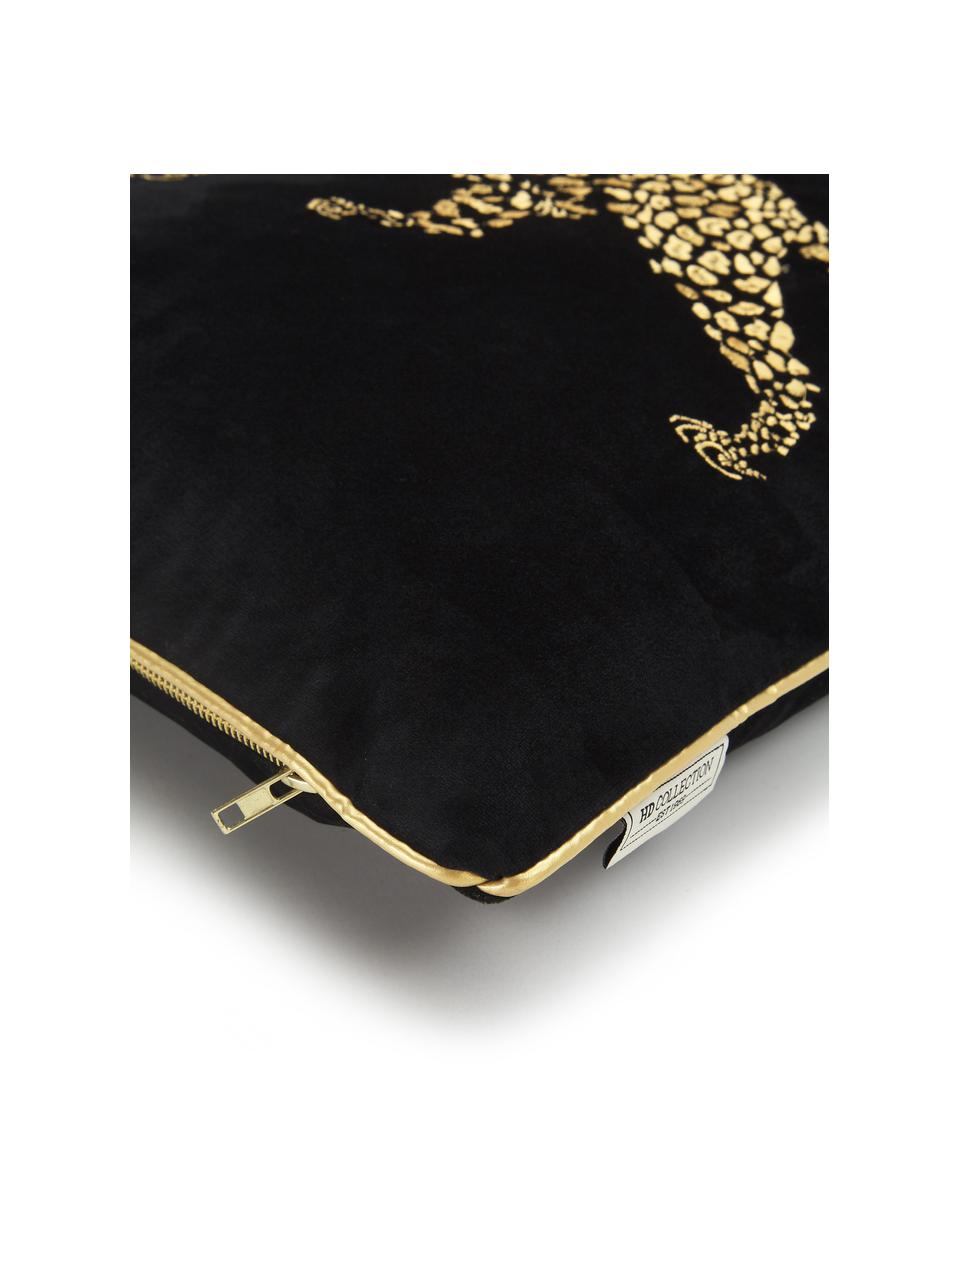 Coussin 45x45 velours noir brodé Majestic Leopard, Noir, couleur dorée